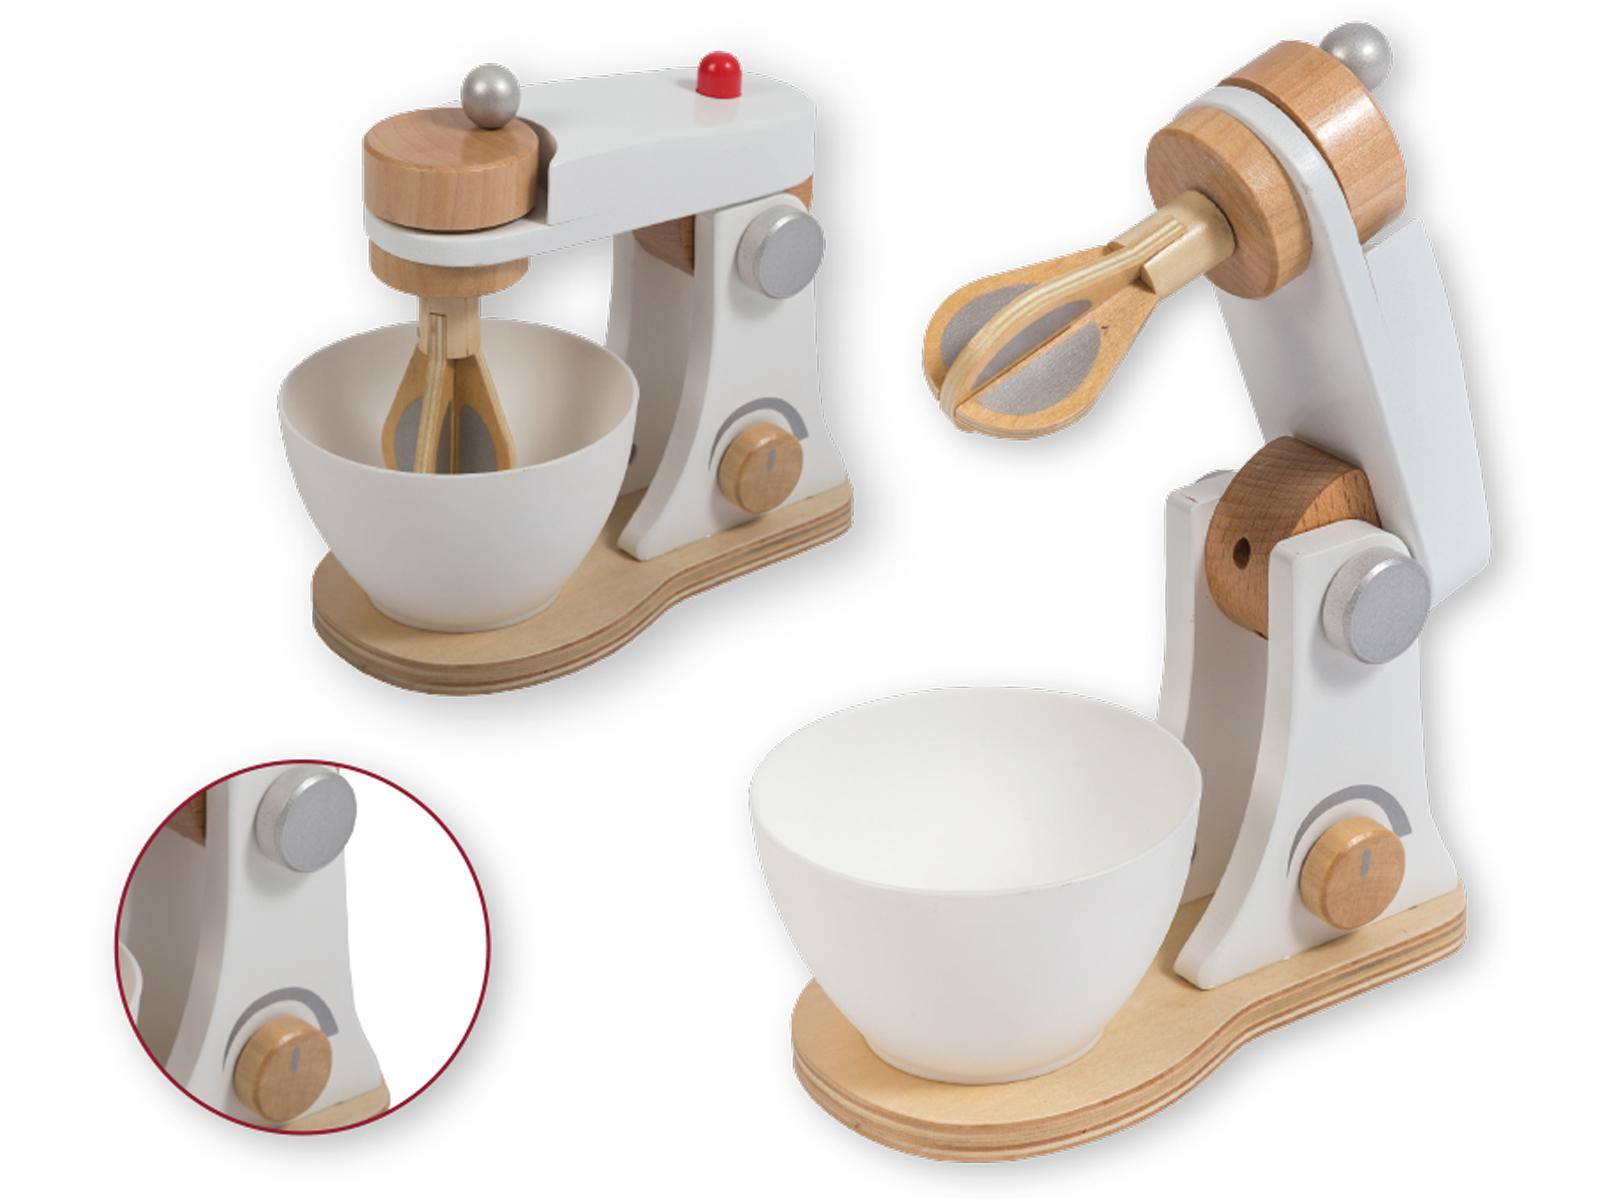 Jouéco Kinder Küchenmaschine Teigmaschine Mixer Für Die Spielküche Aus Holz